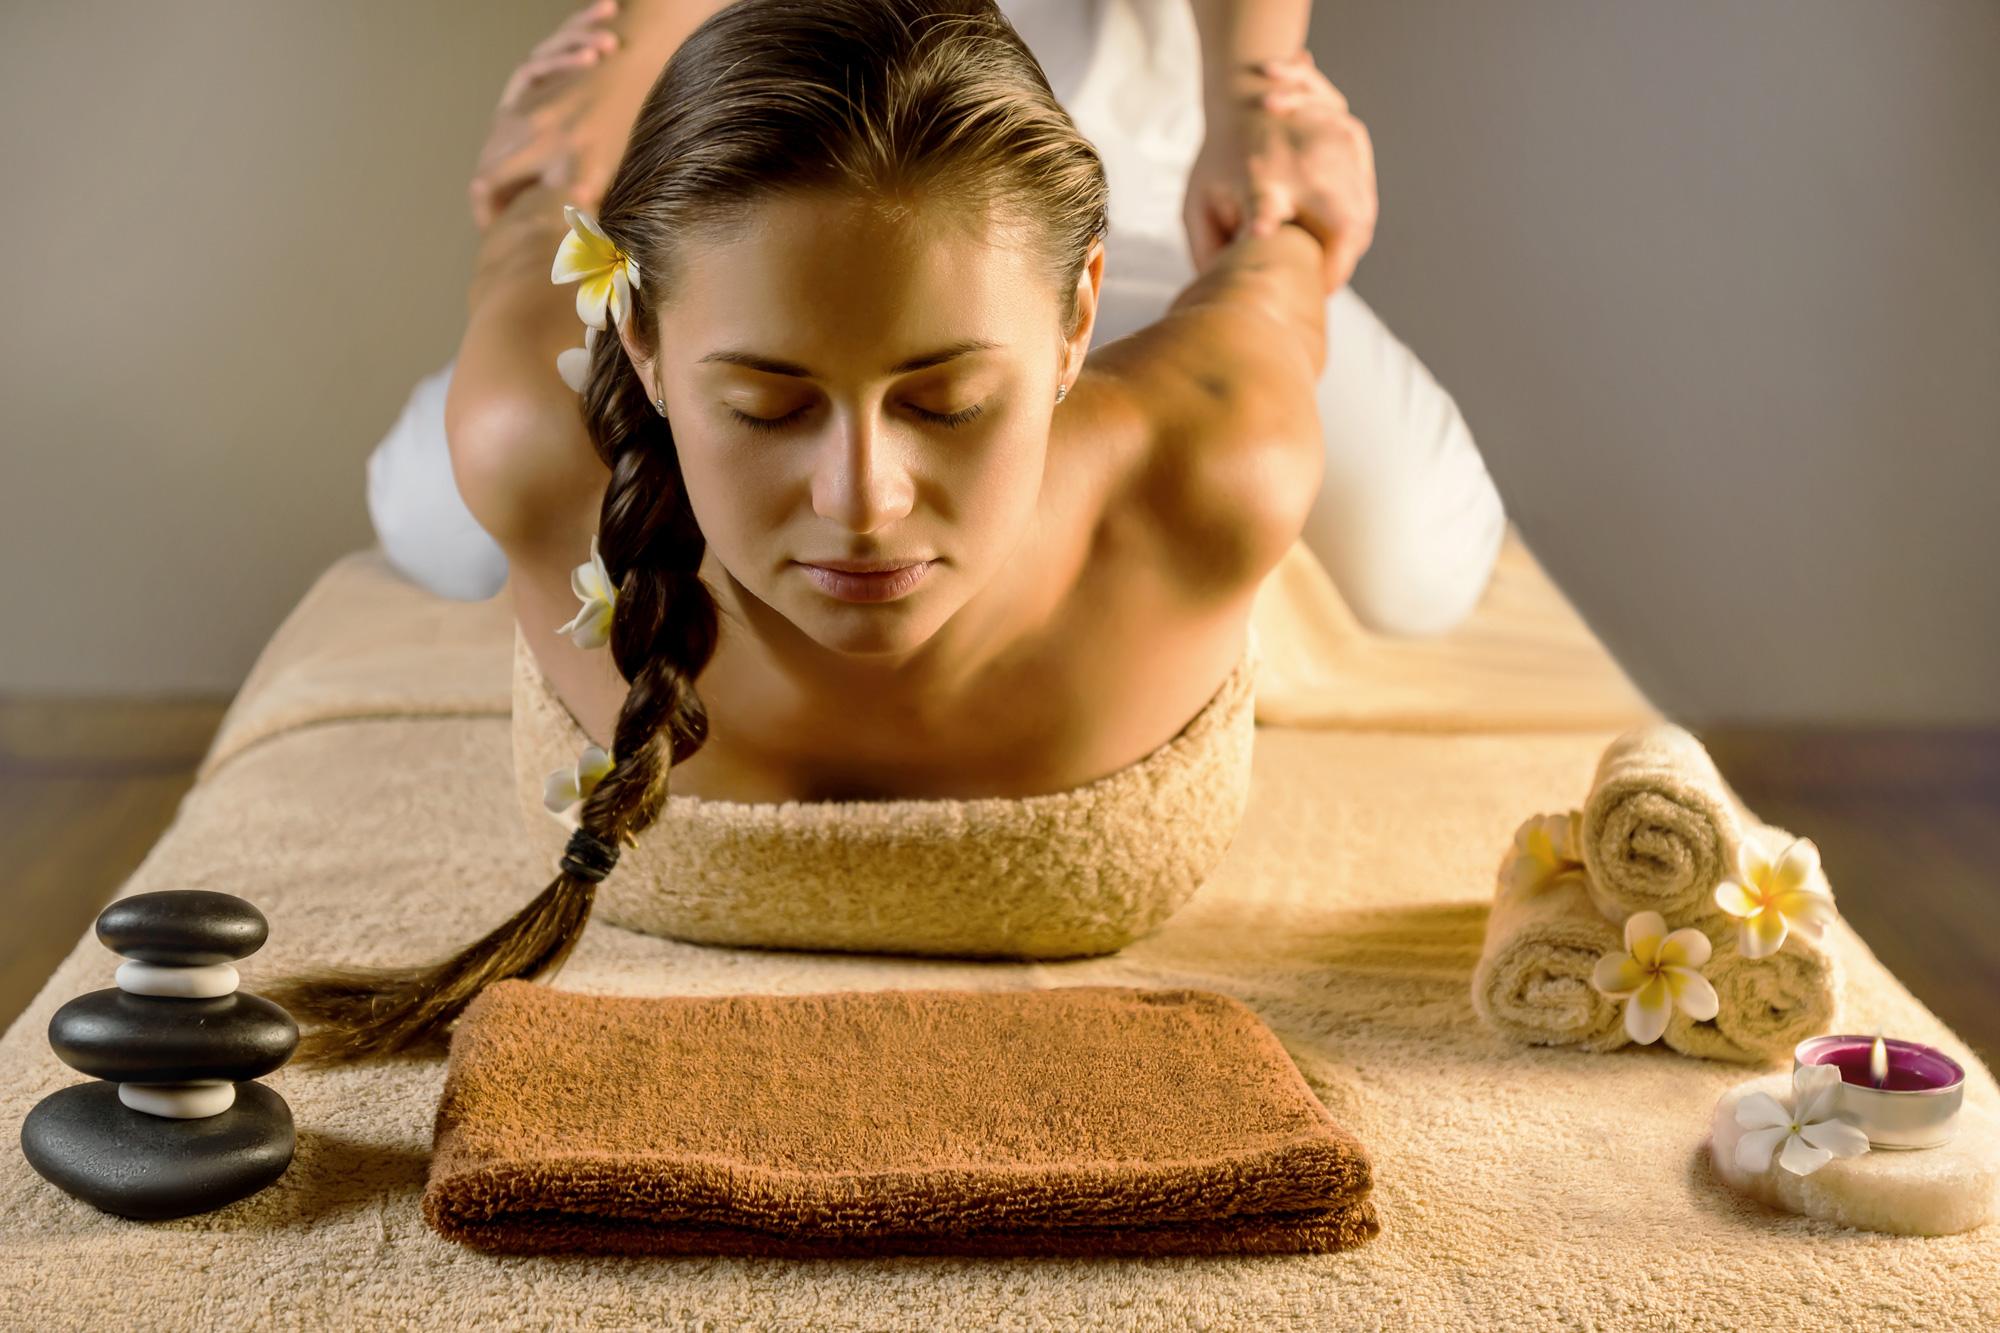 korawan-thaimassage-konstanz-frau-traditionell-thailaendische-massage-2000x1333